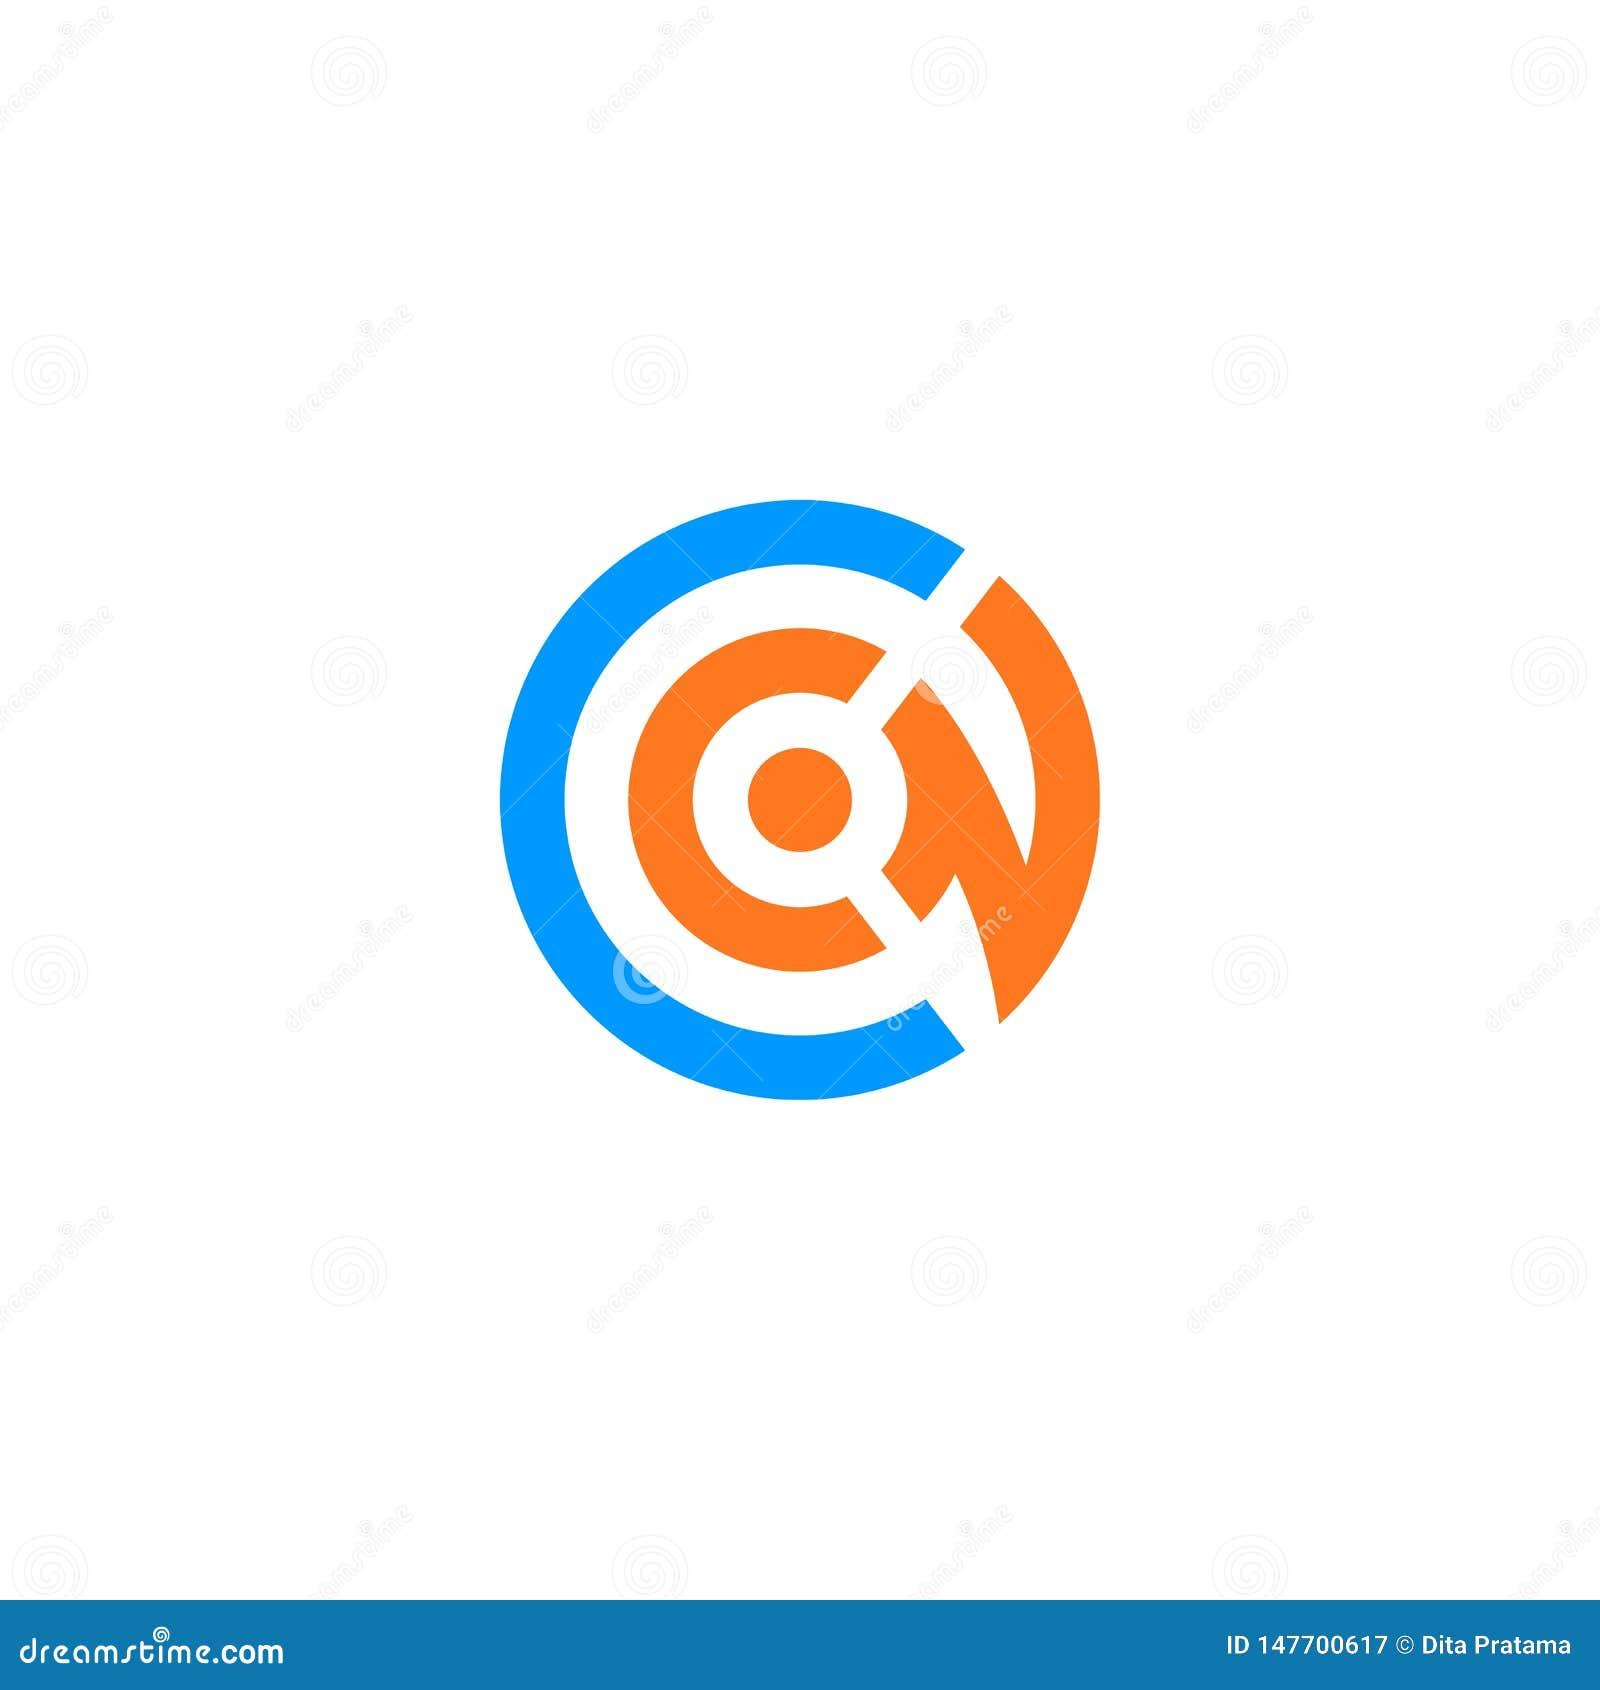 CN letter initial logo.